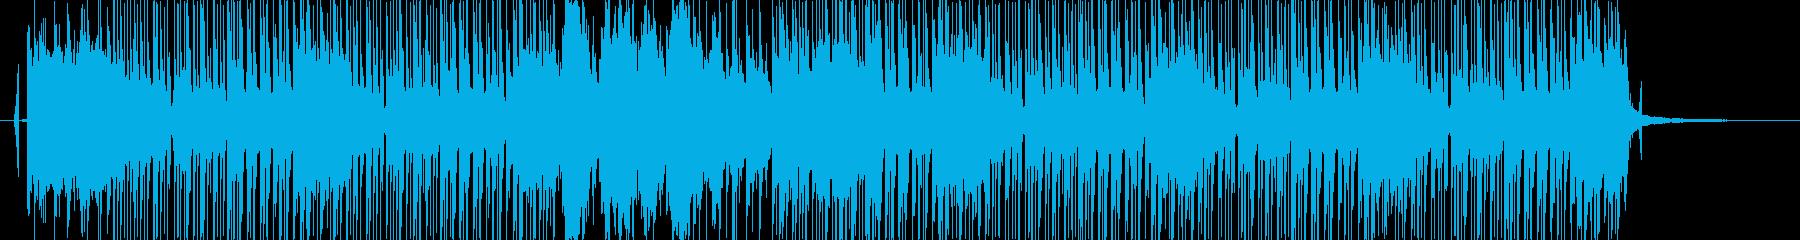 和風で速いテンポの曲の再生済みの波形